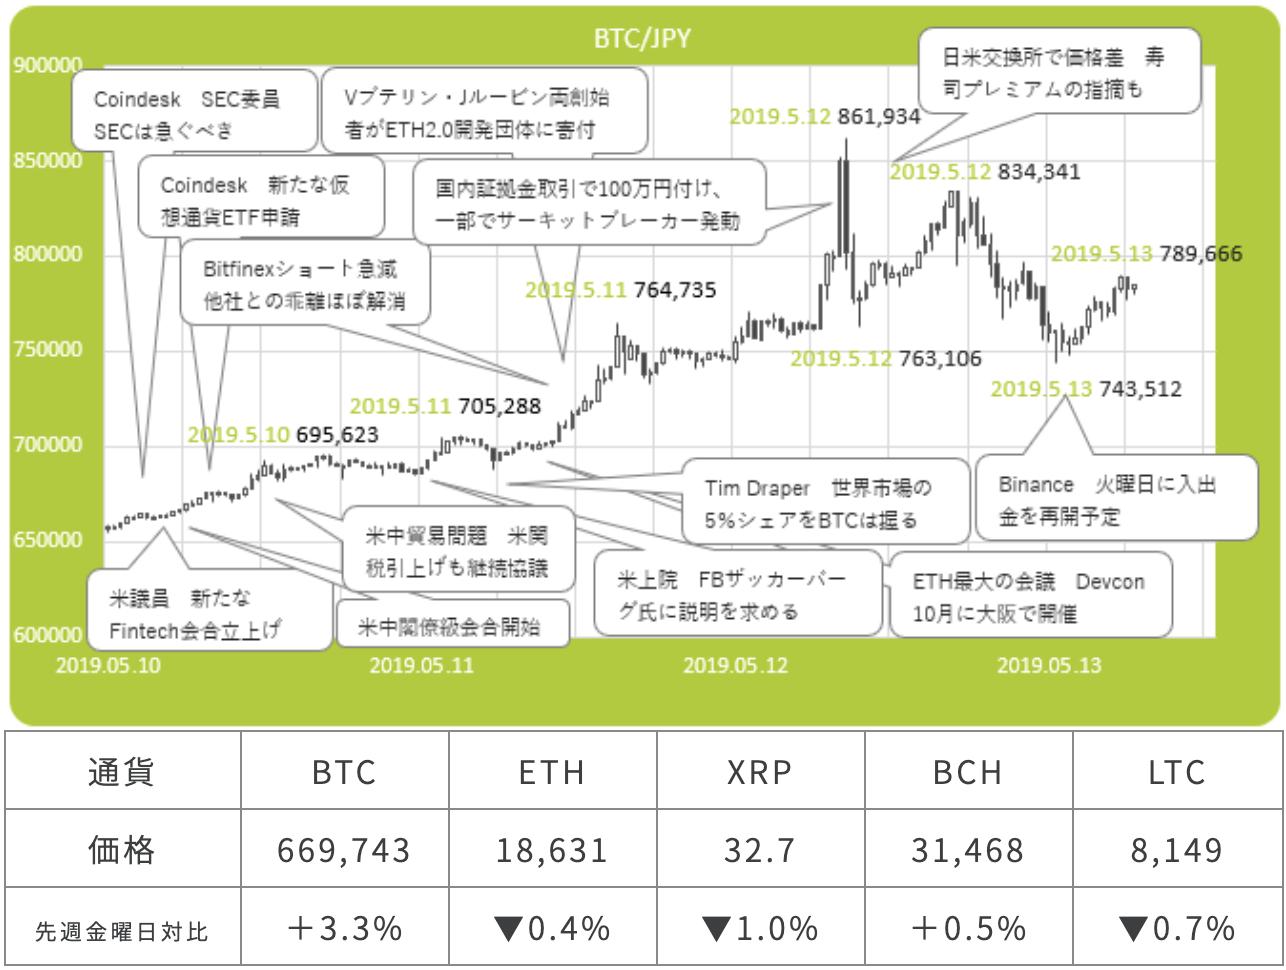 ビットコイン/円市況相関図